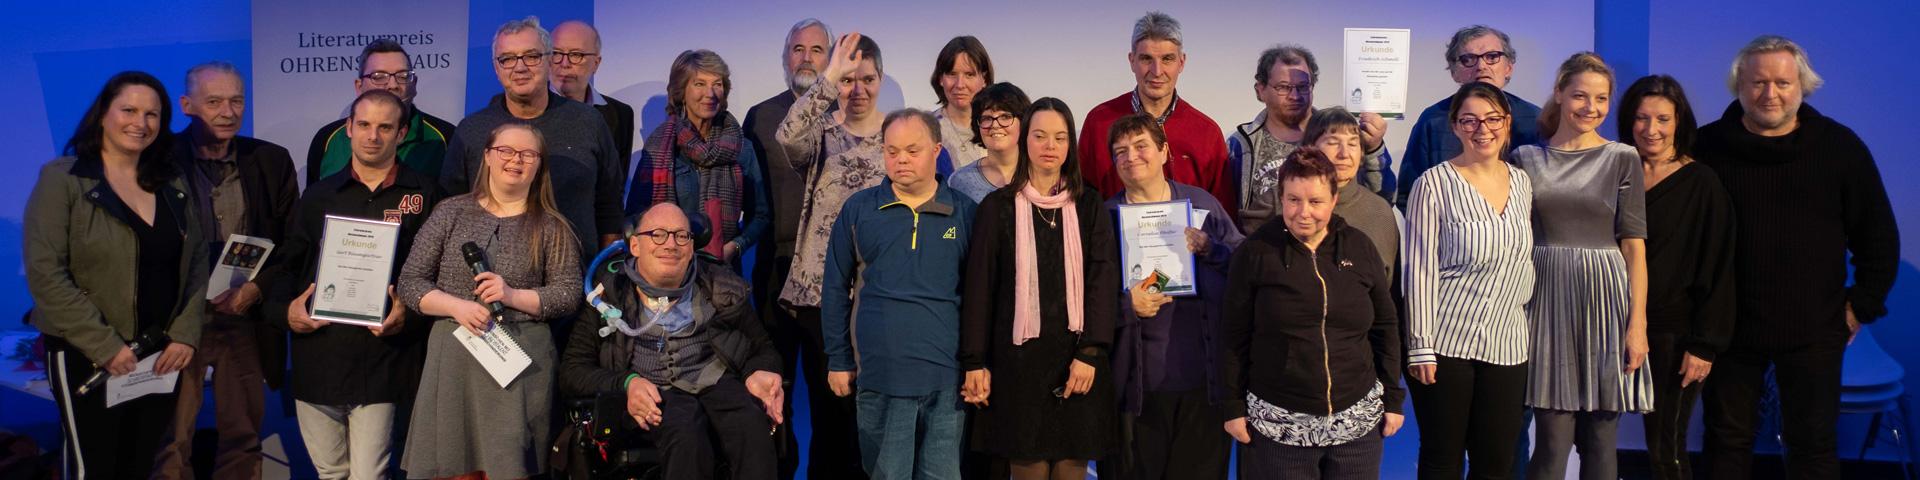 Literaturpreis Ohrenschmaus Preisverleihung 2019